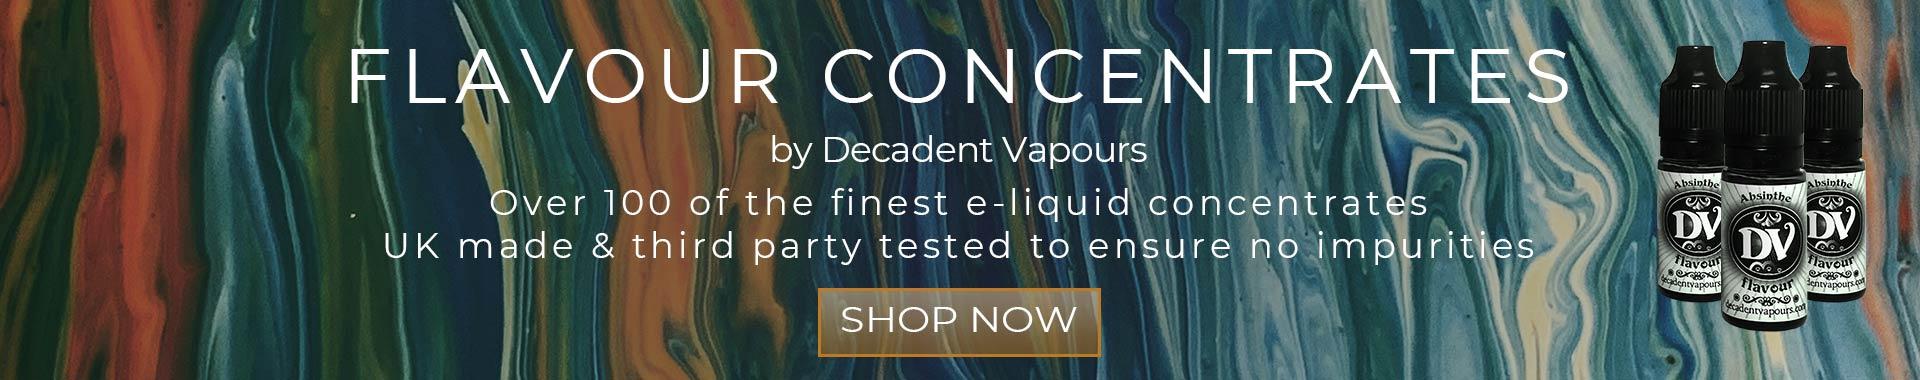 E-Liquid-Flavour-Concentrates-Shop-Now